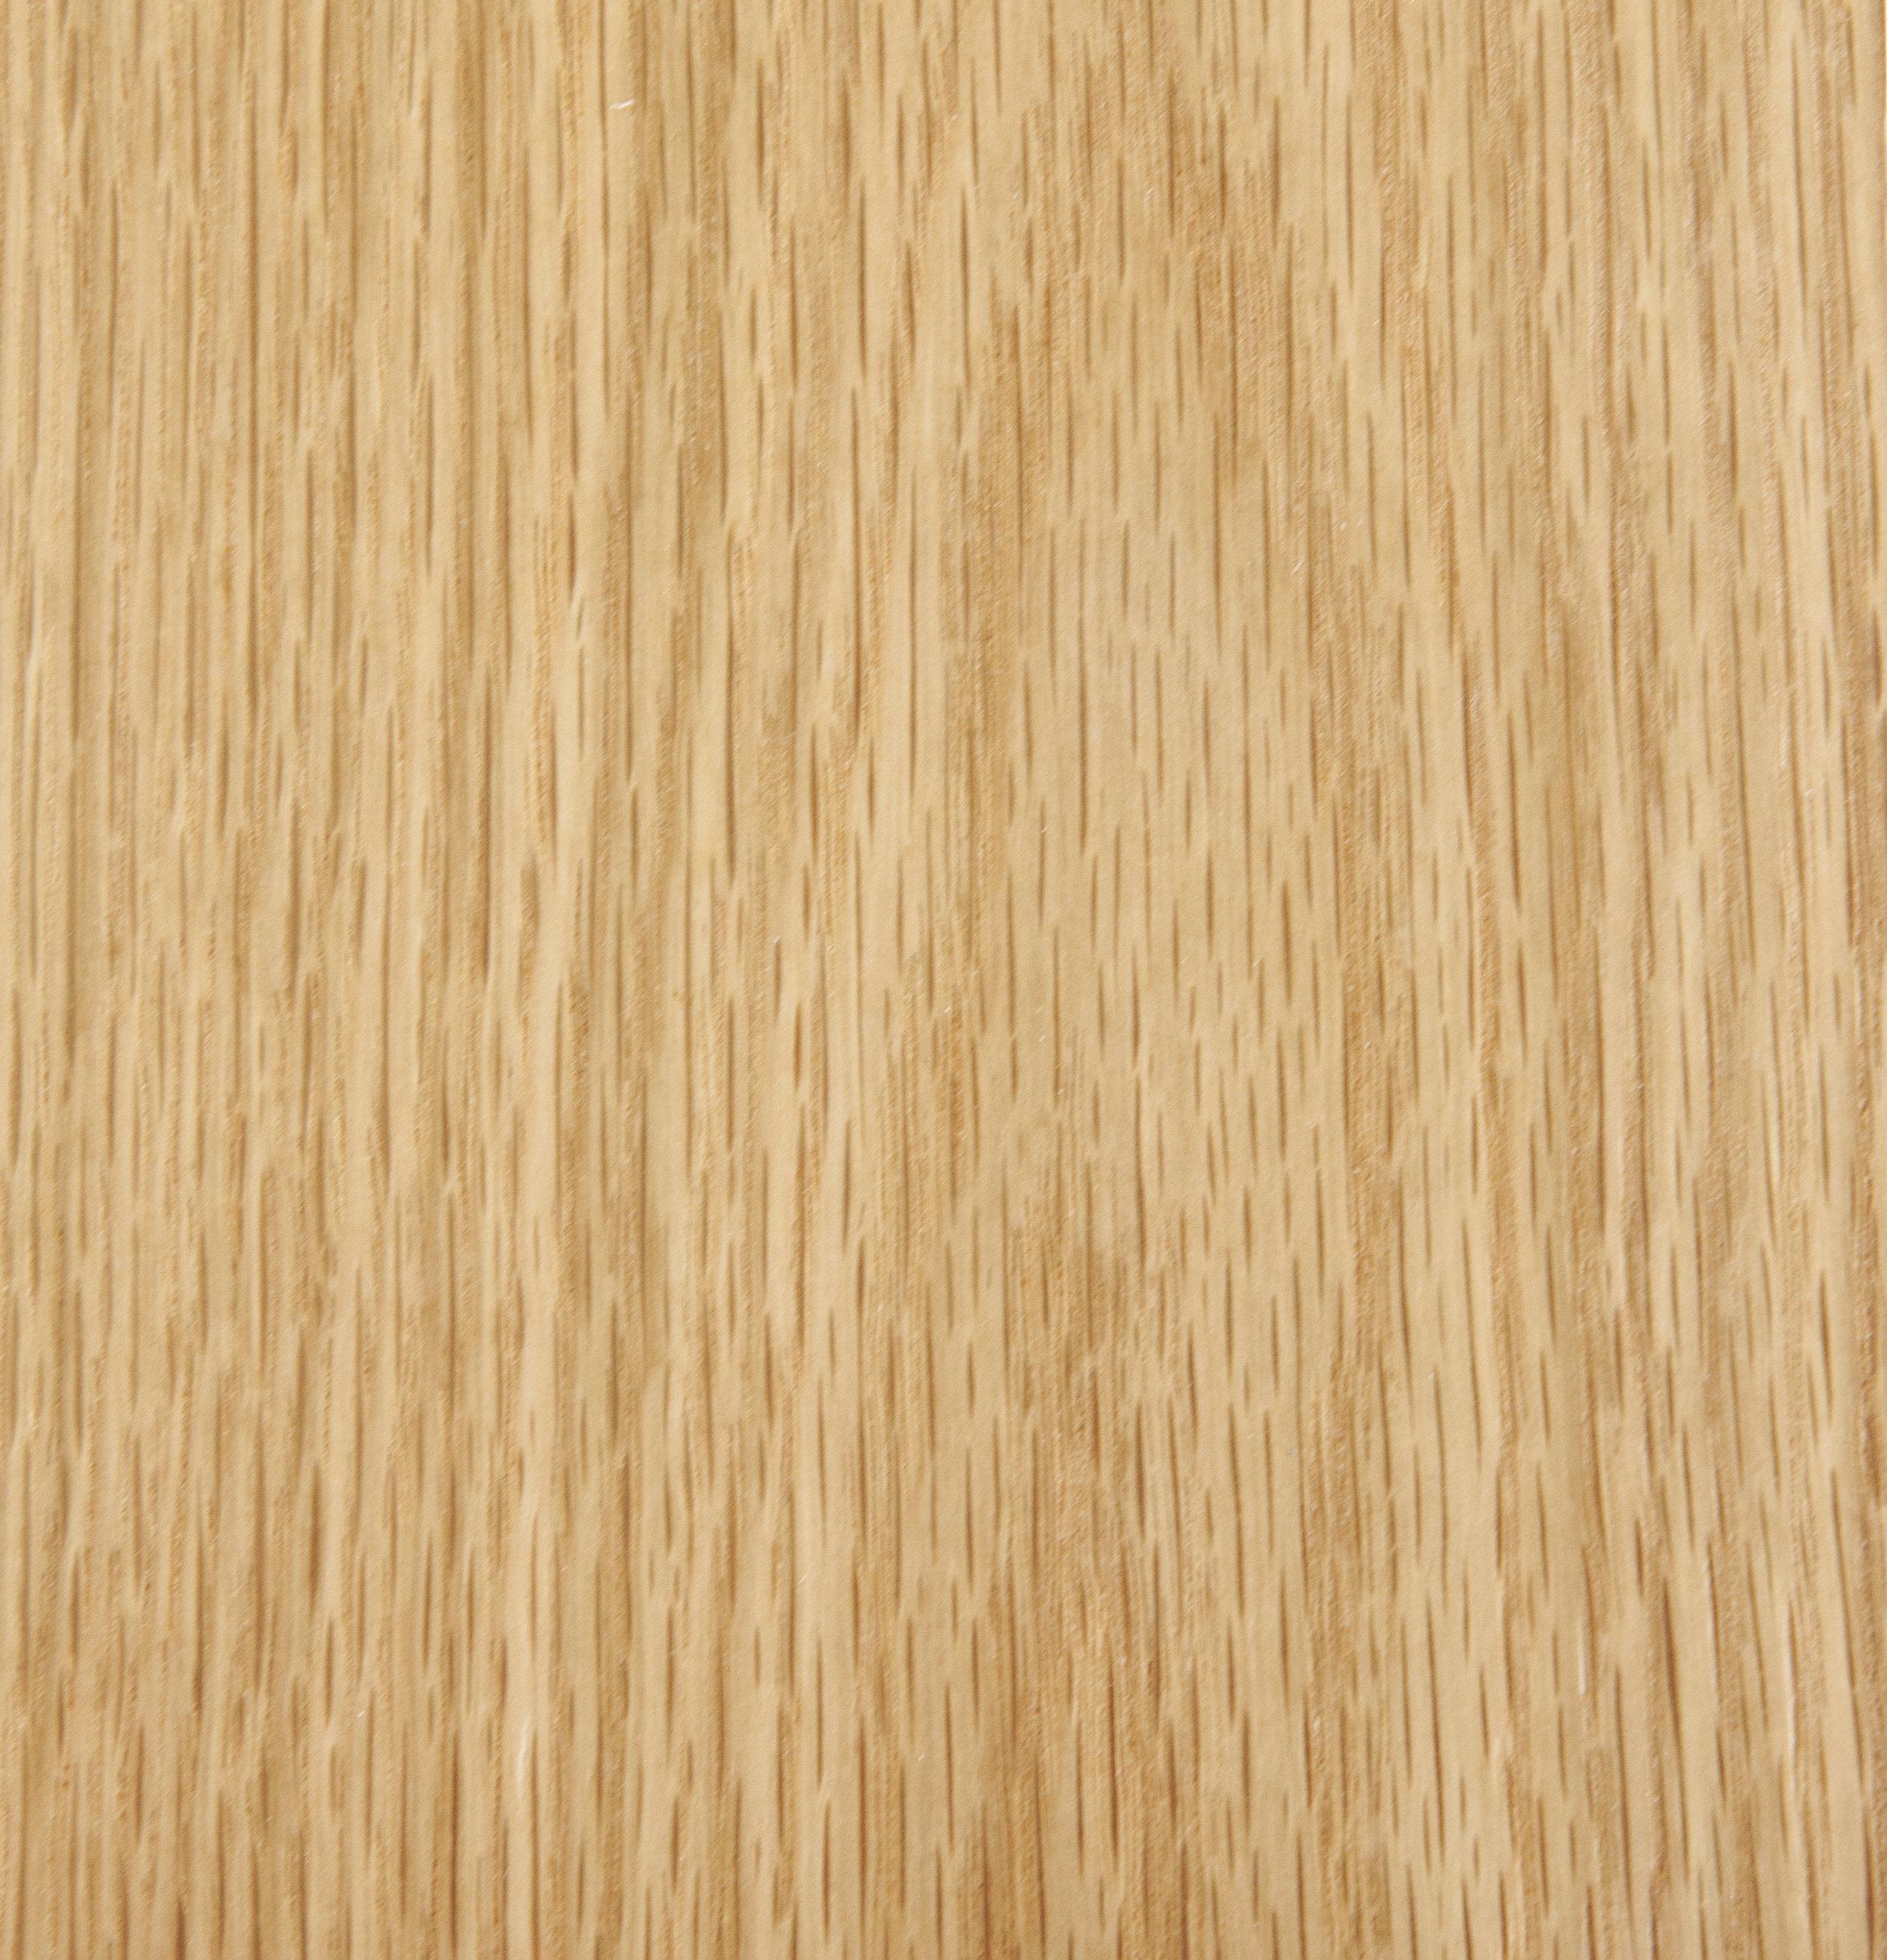 Crown Cut American White Oak